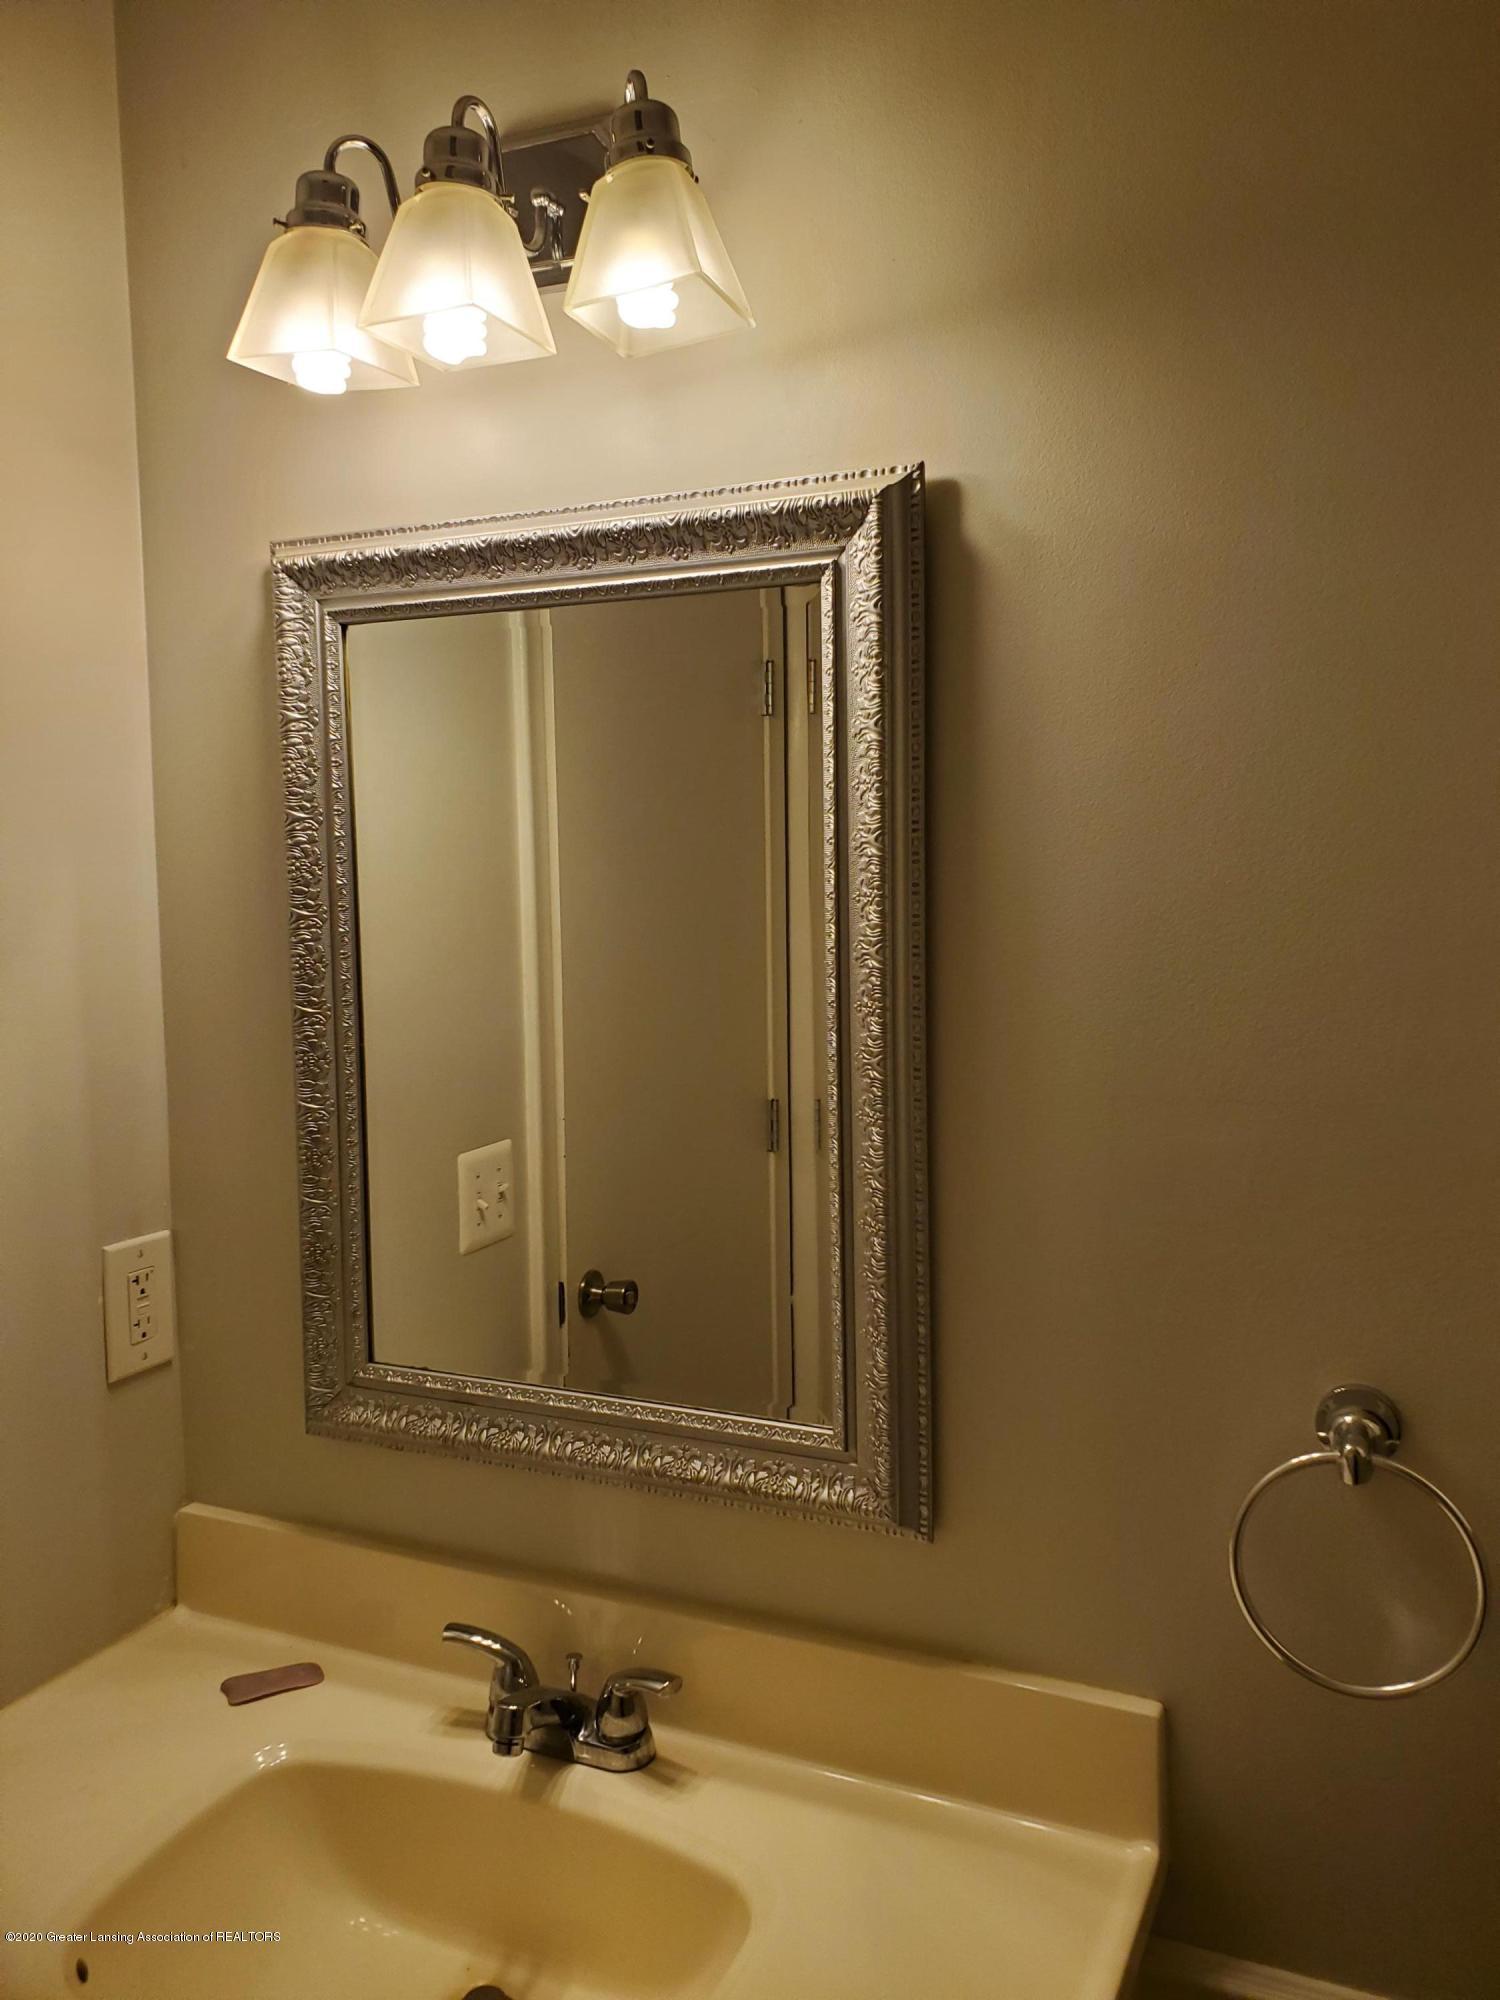 6160 Innkeepers Ct APT 55 - Bathroom - 12